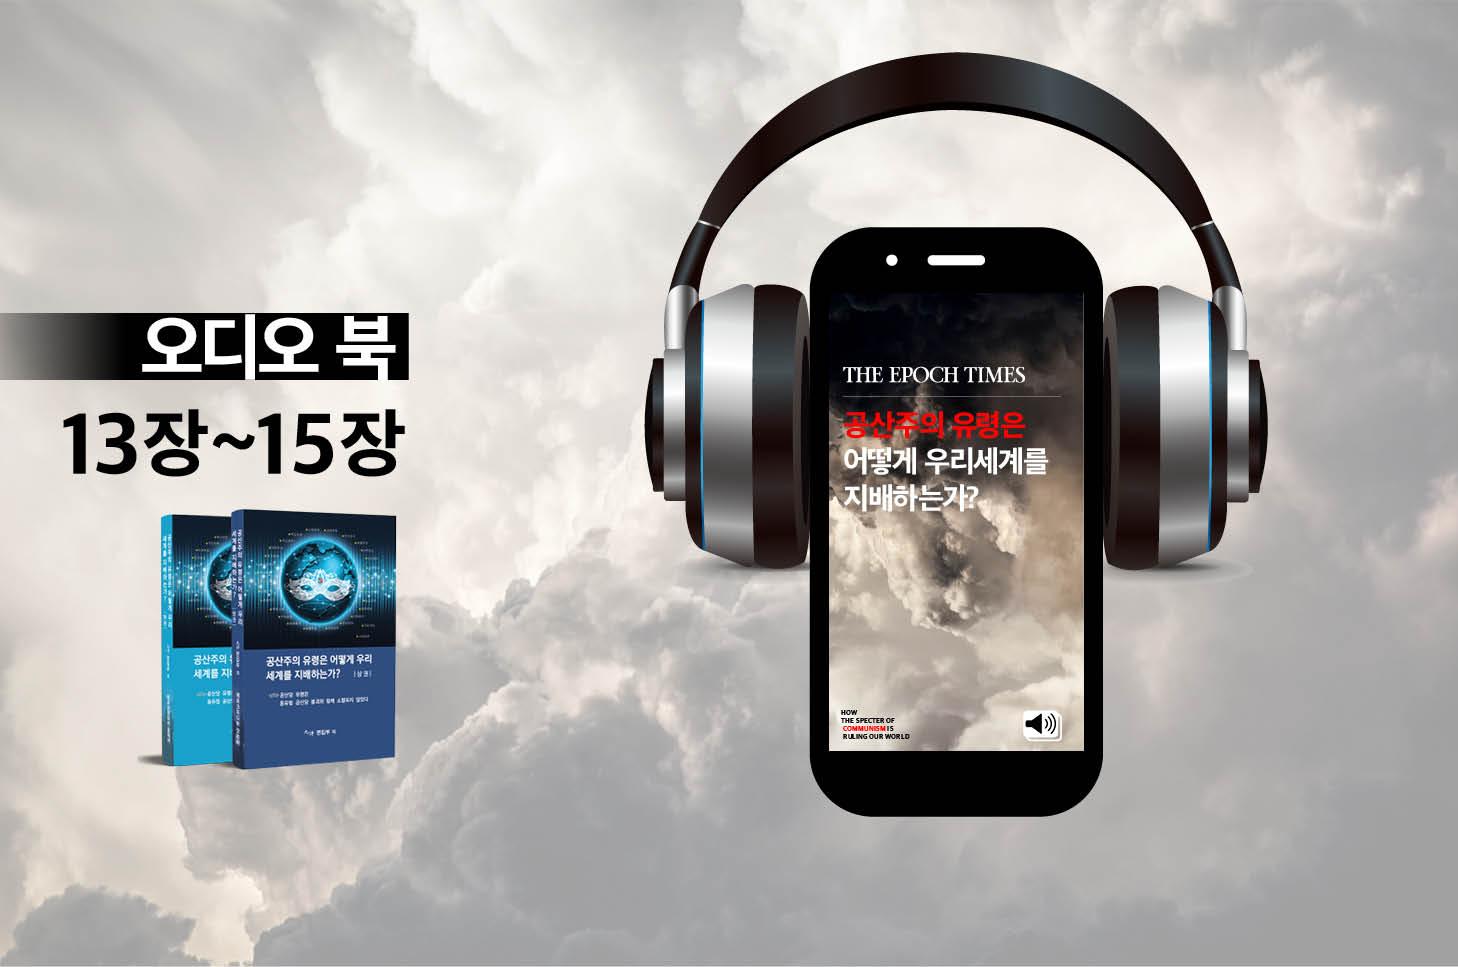 [오디오북] '공산주의유령' - 제13장, 제14장, 제15장